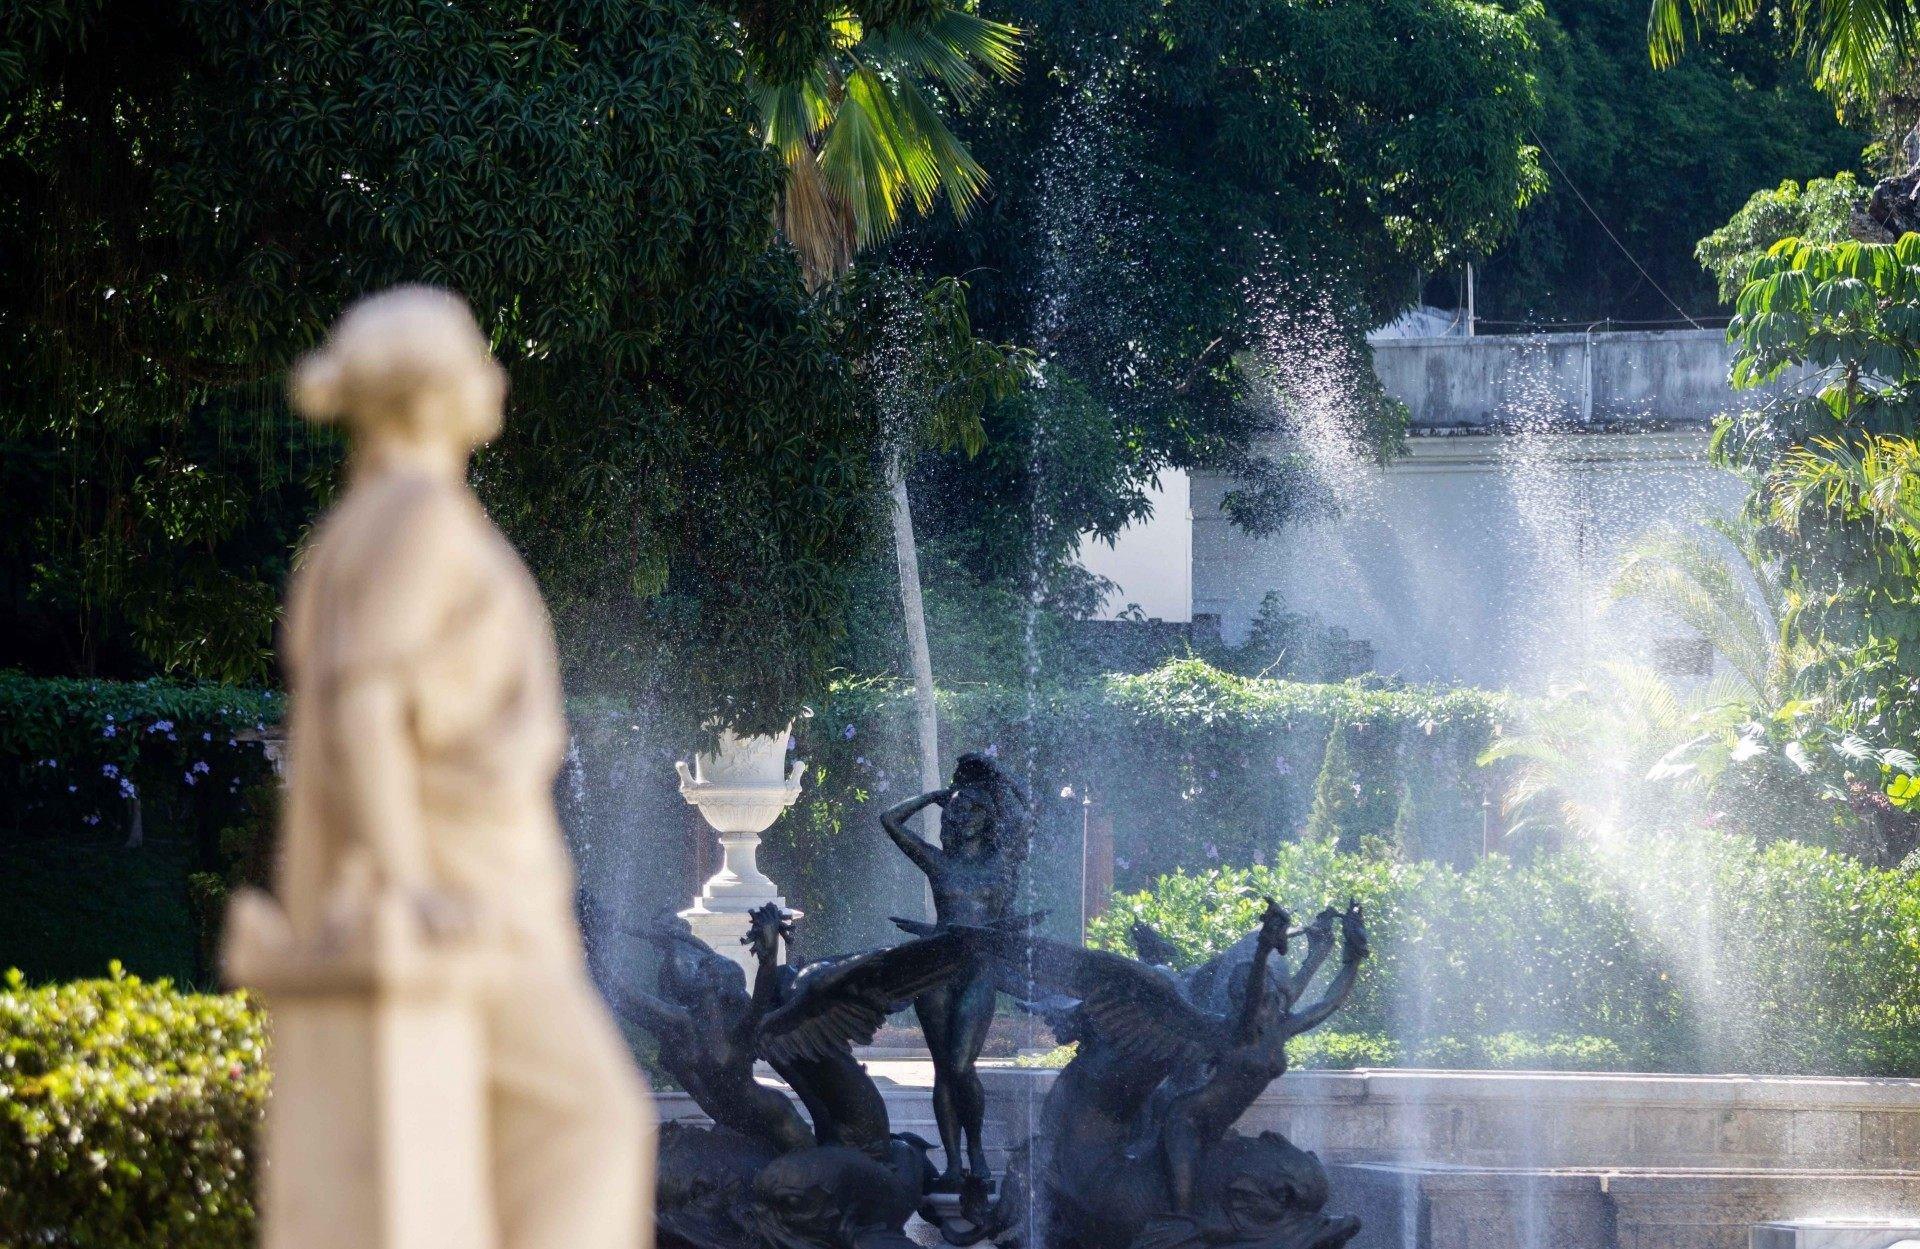 Chafariz do Palácio Laranjeiras - Rogerio Santana / Divulgação